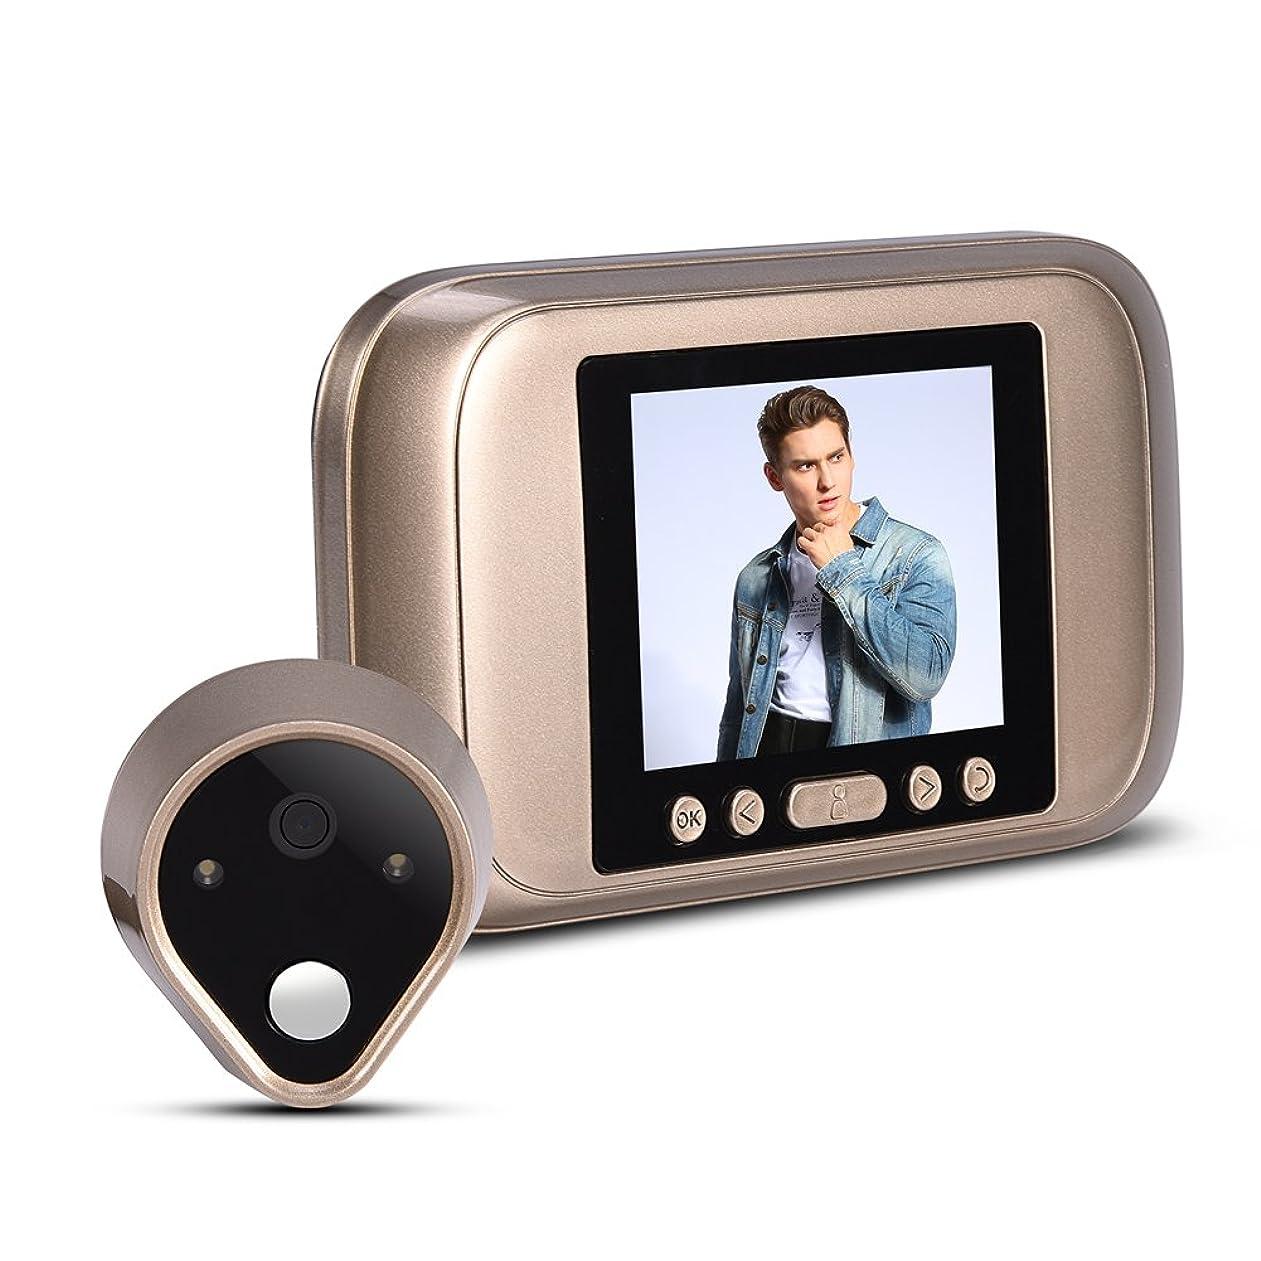 紳士喜びスナッチFosaビデオドアベル ドアベルカメラ LED 1MP HDホームセーフガード3.2インチ160度ビジュアルアングルピープホールスマートビューア デジタルビジュアルドアベル サポートマイクロSDカード